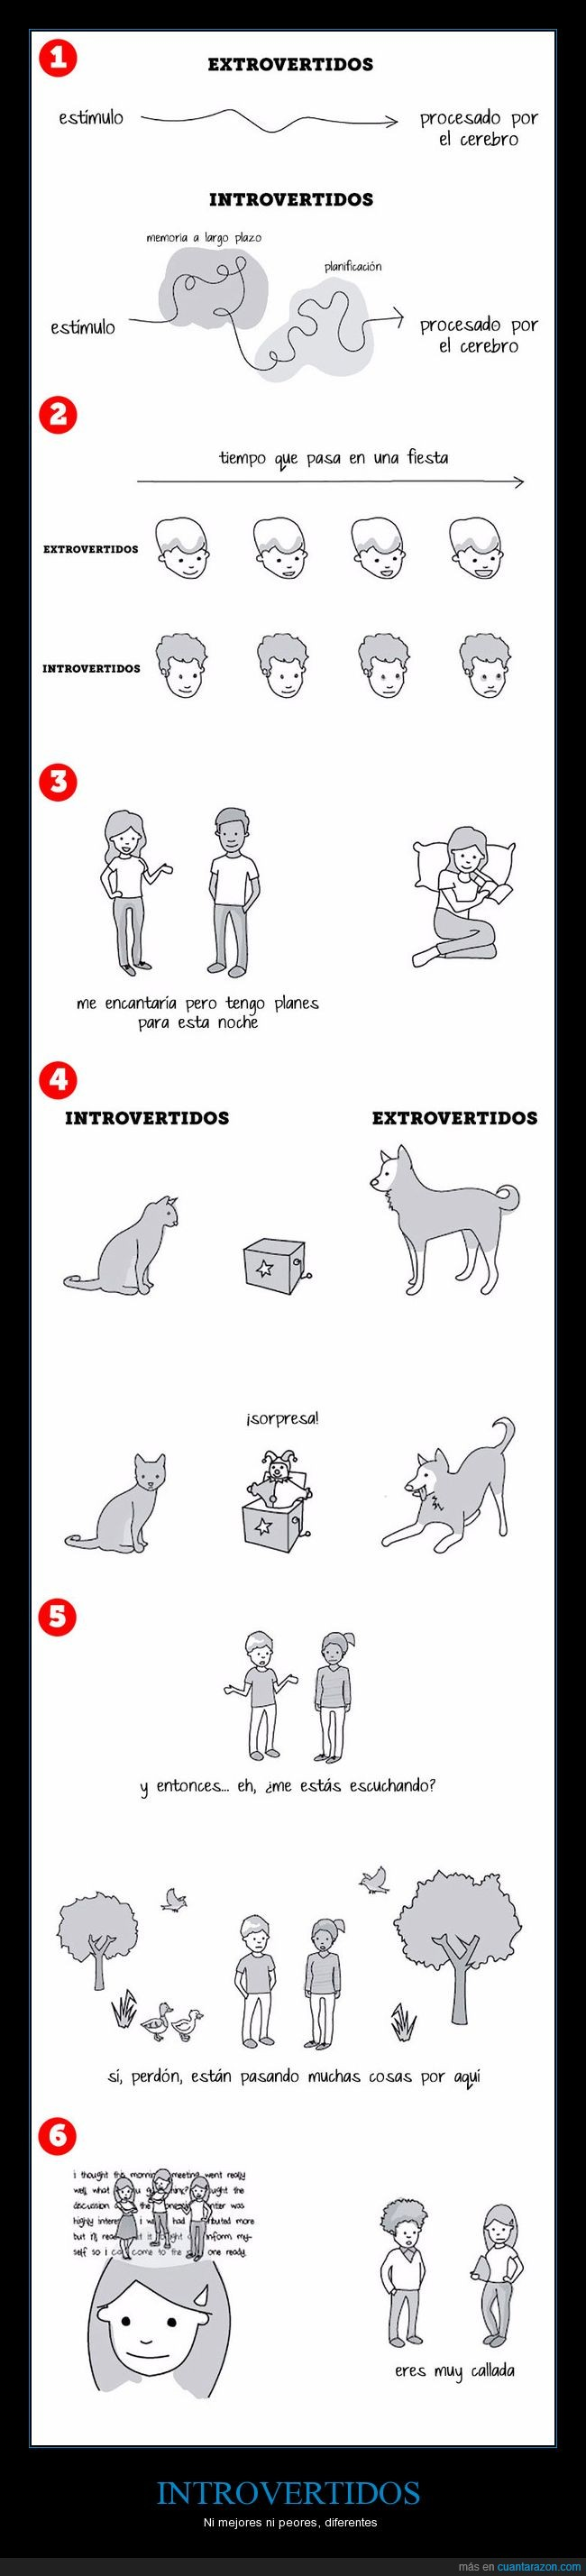 extrovertidos,introvertidos,reacción,tímidos